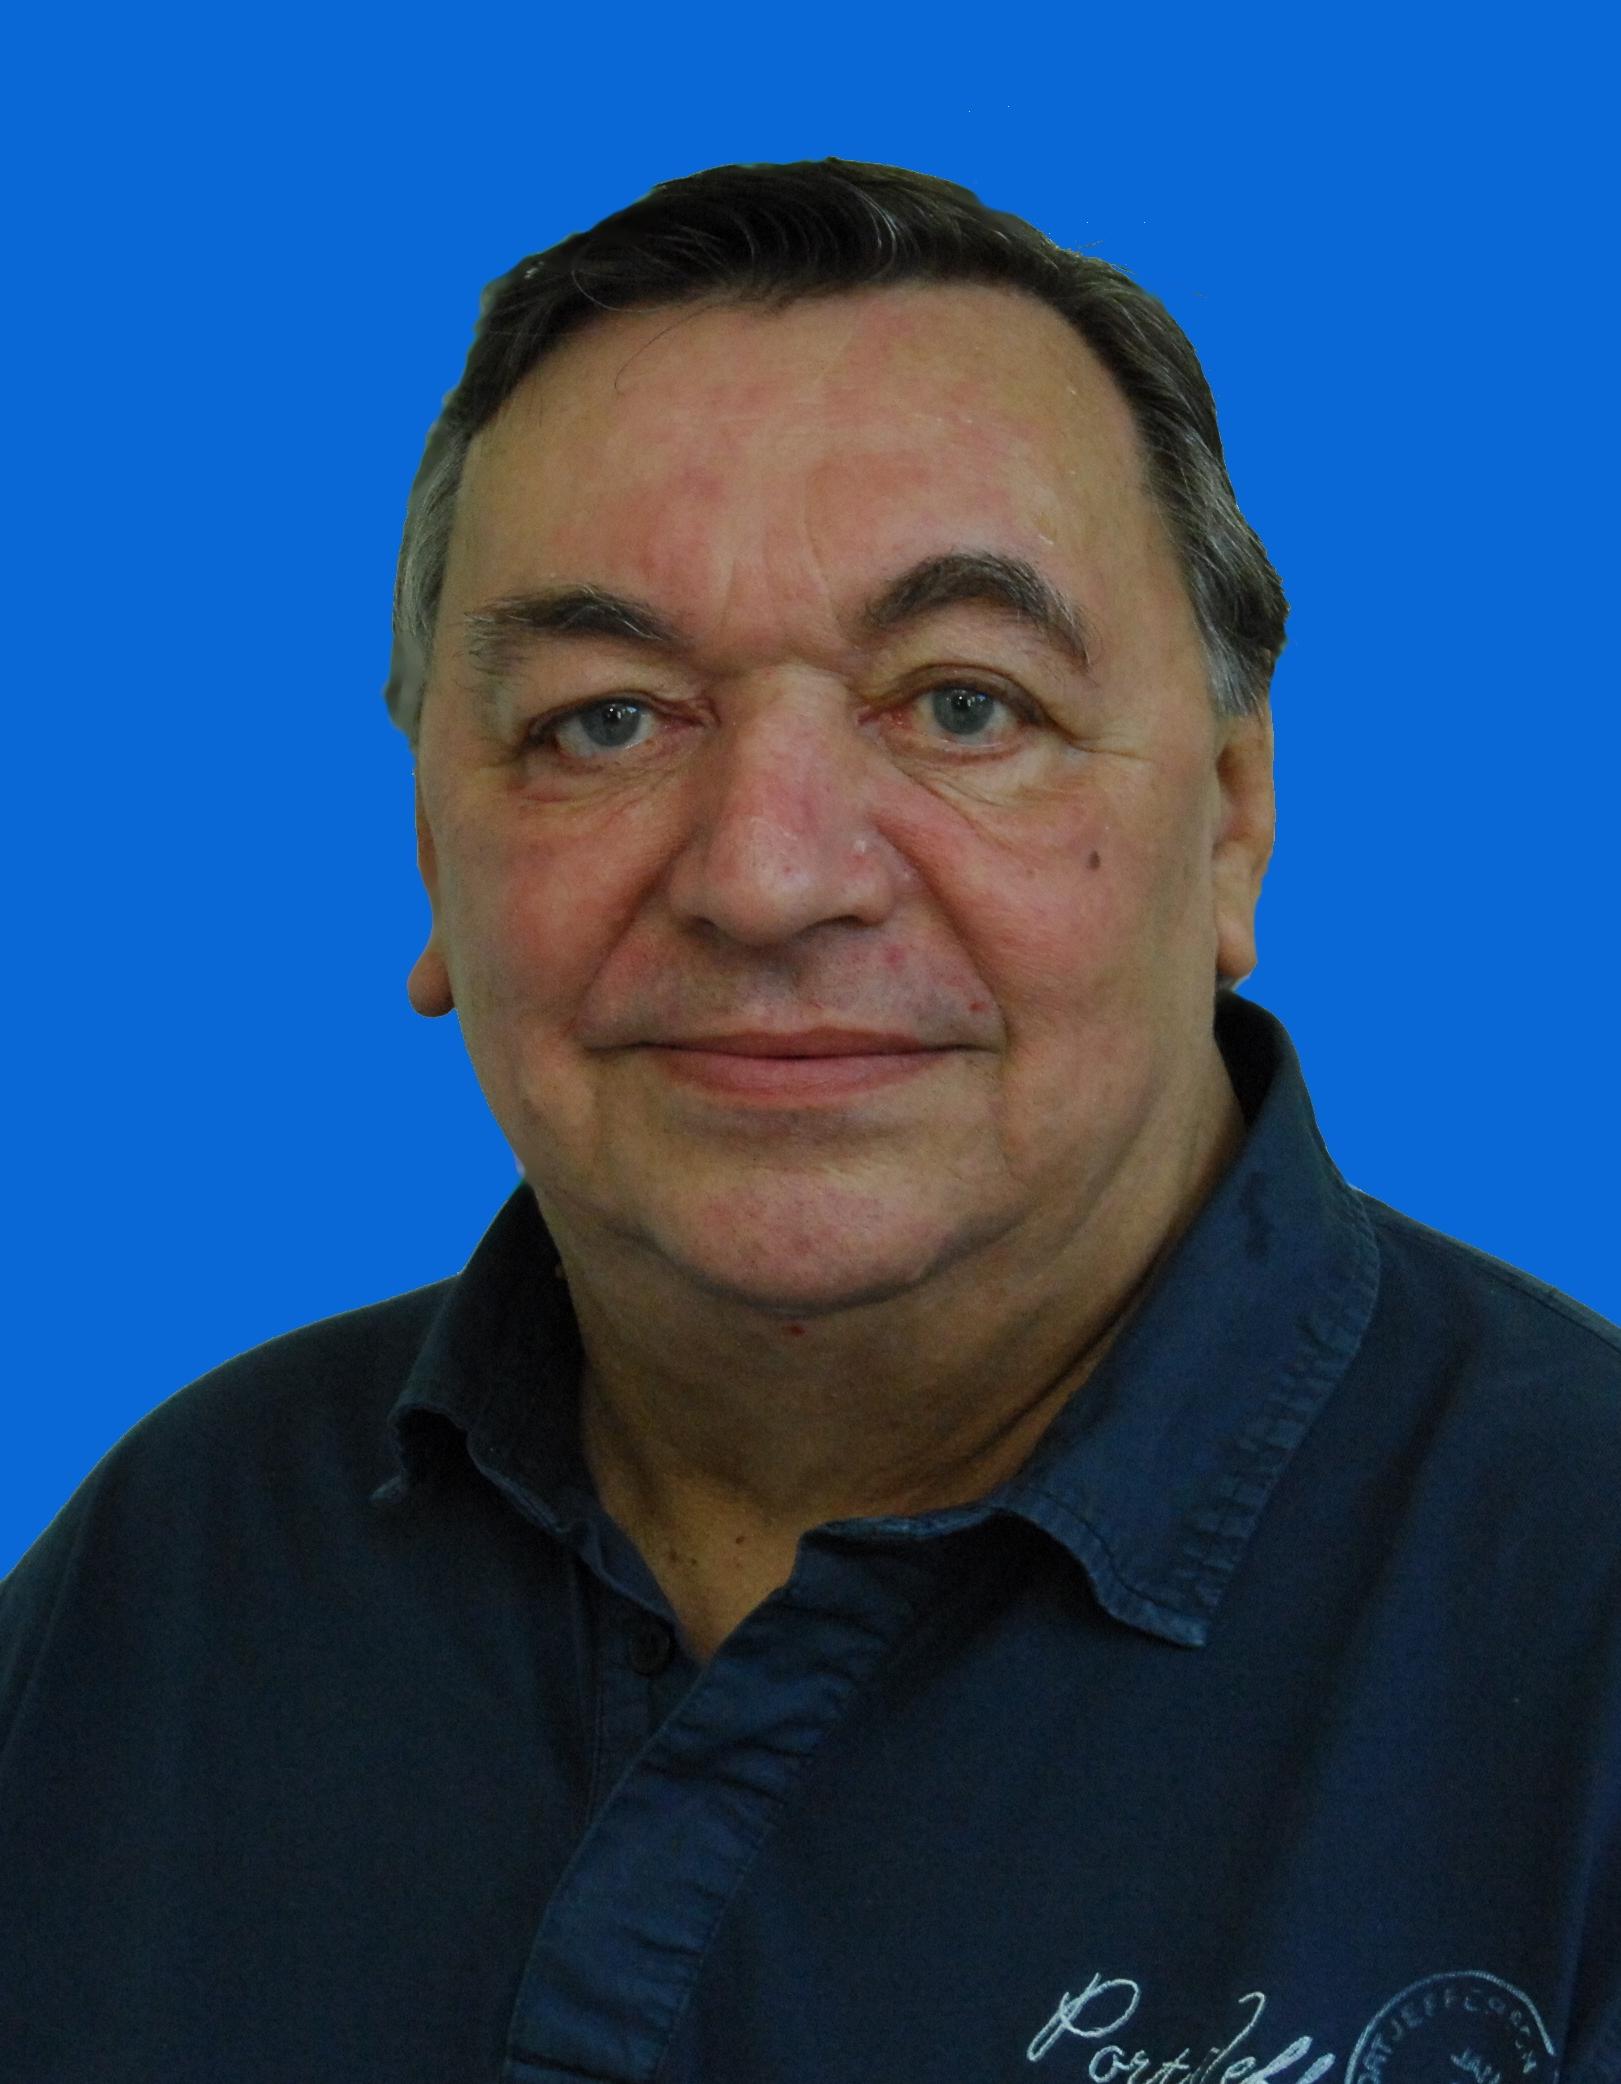 MUDr. Michal Beran, Ph.D.